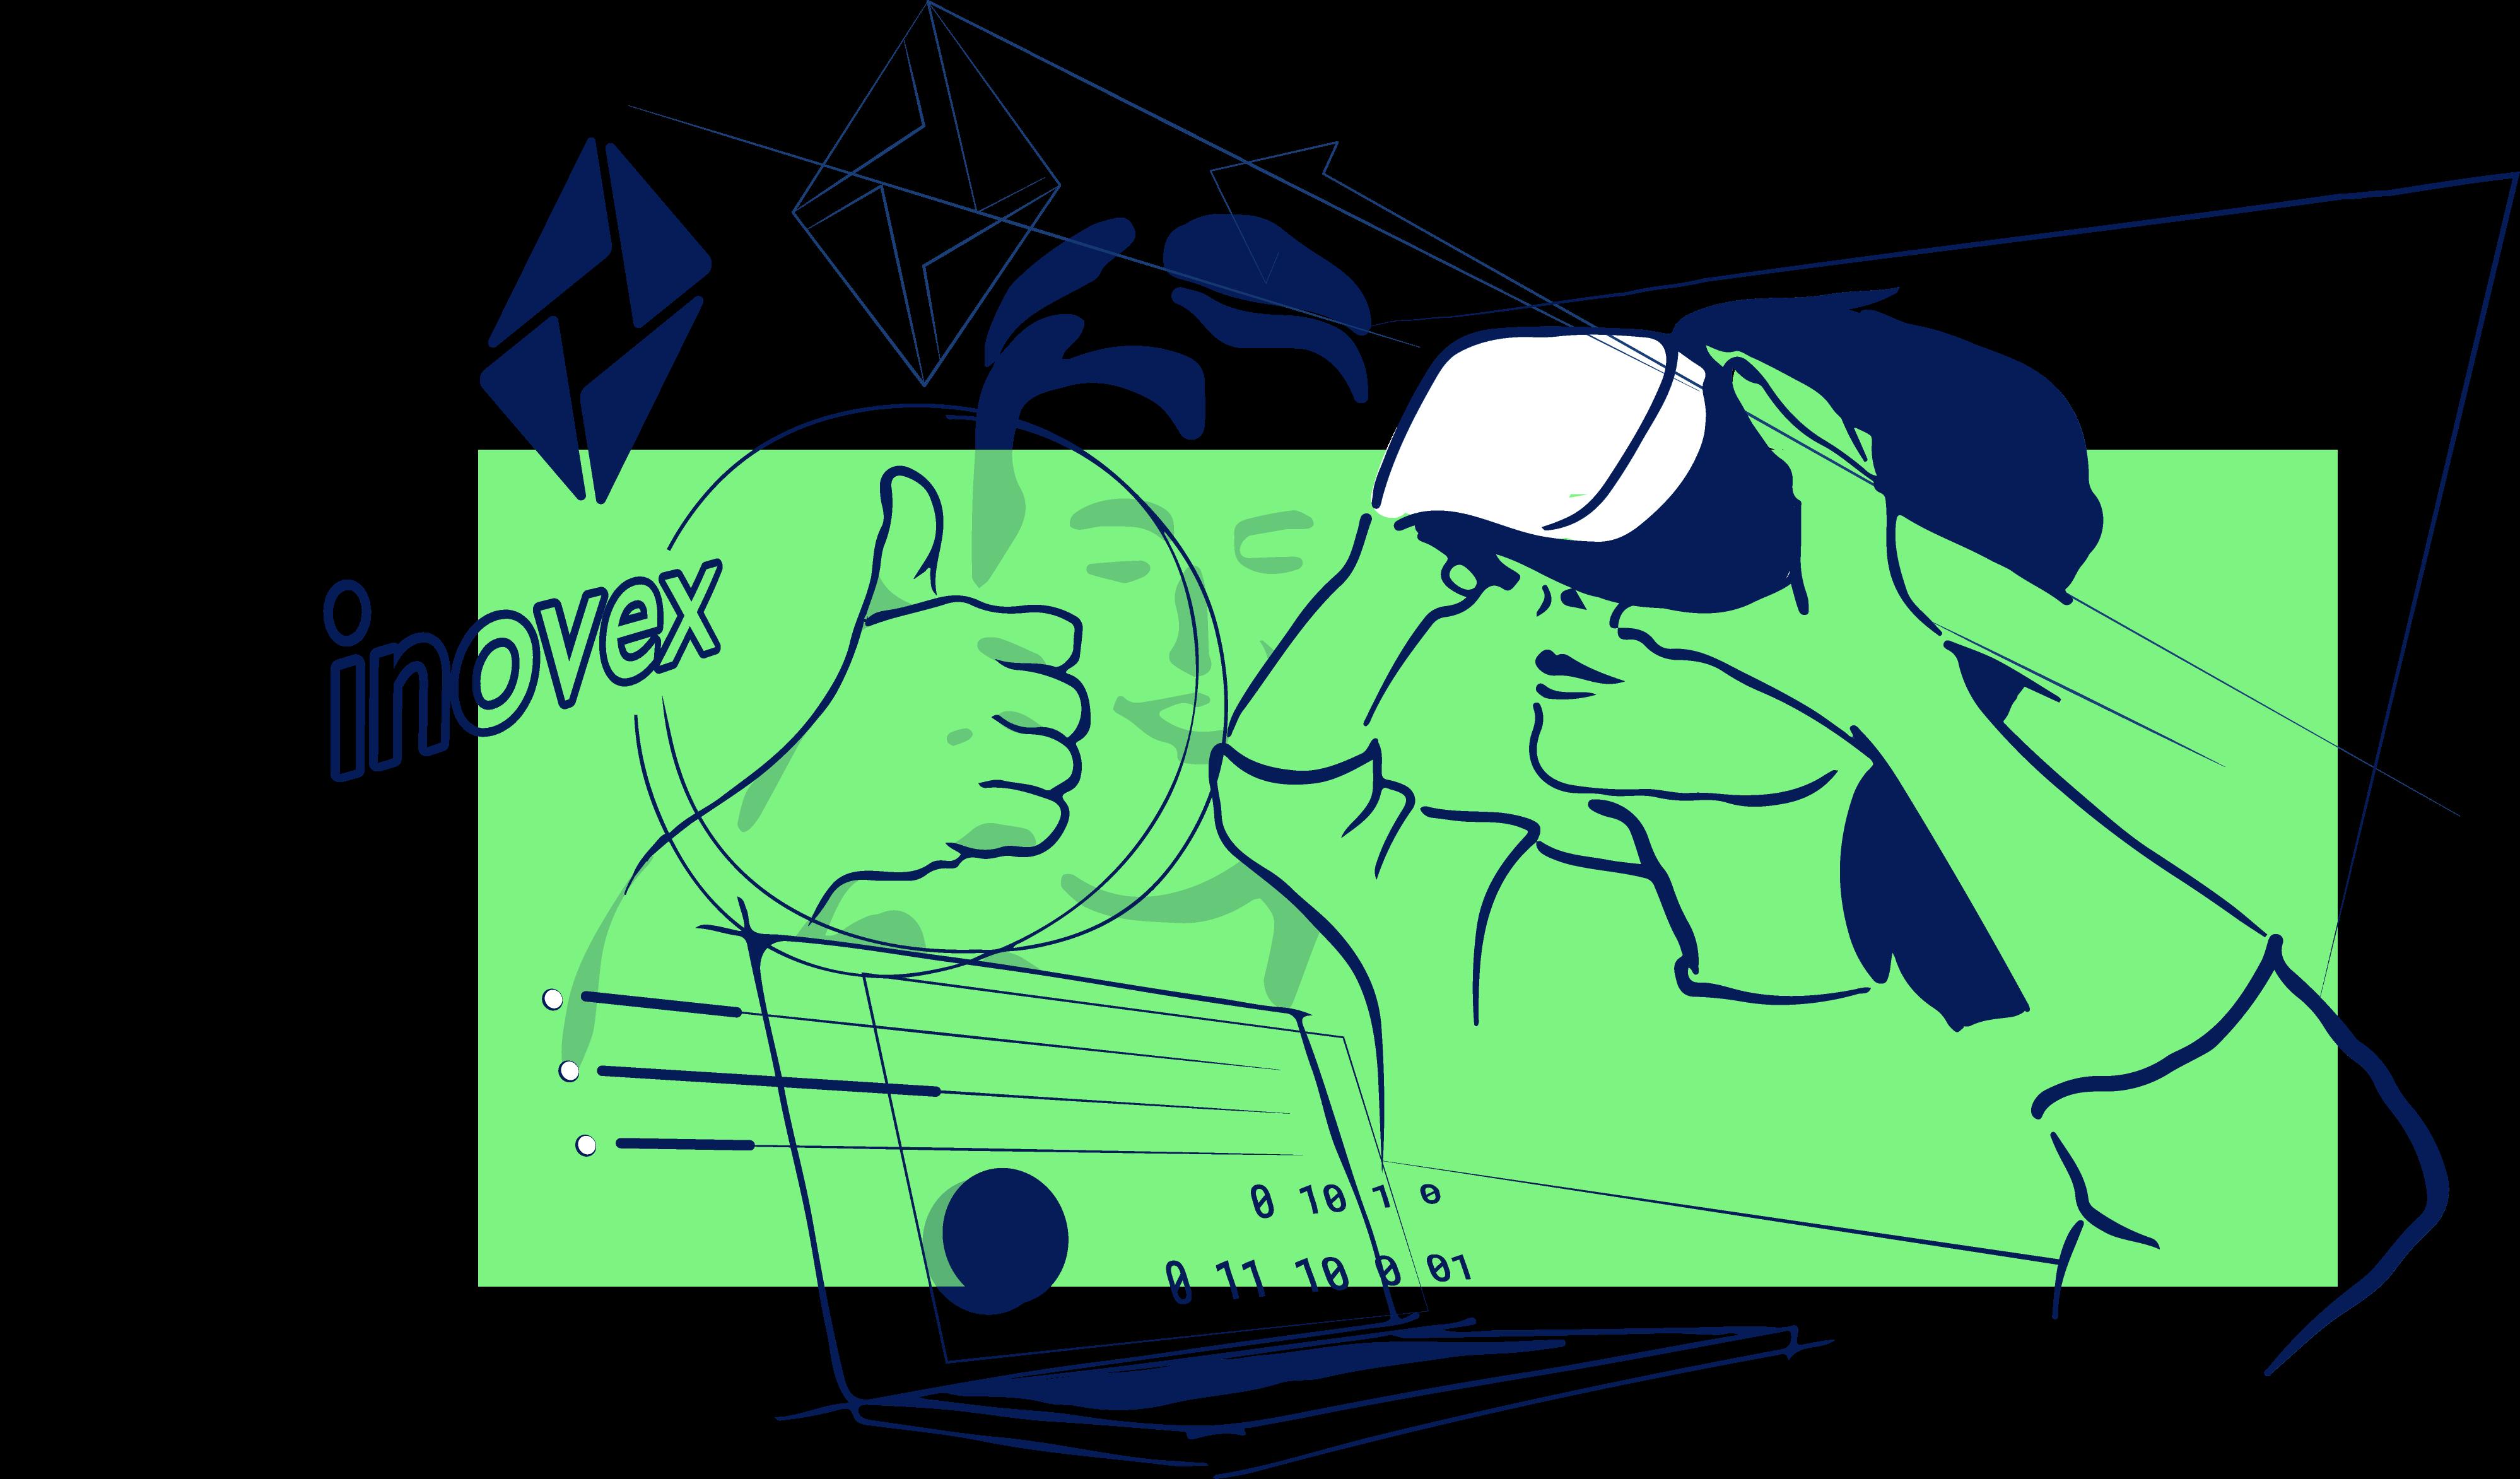 Eine Frau mit VR-Brille, ein Laptop, das inovex-Logo in einer freien Illustration der inovex Vision